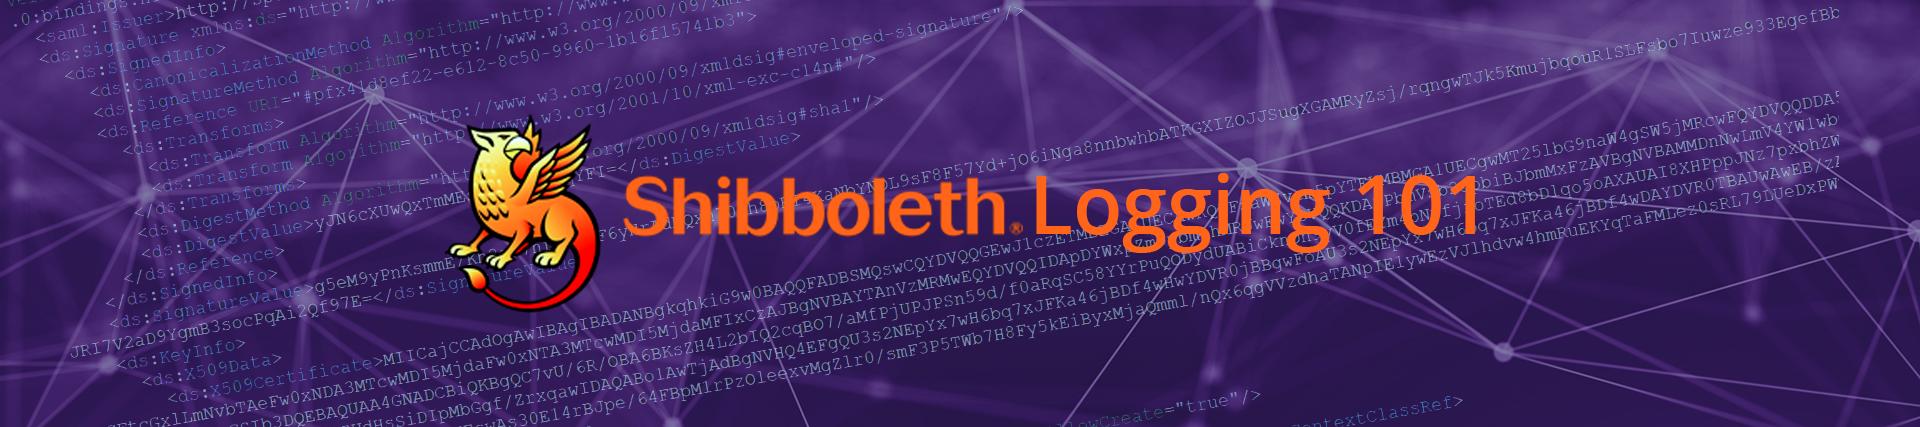 Shibboleth Logging 101